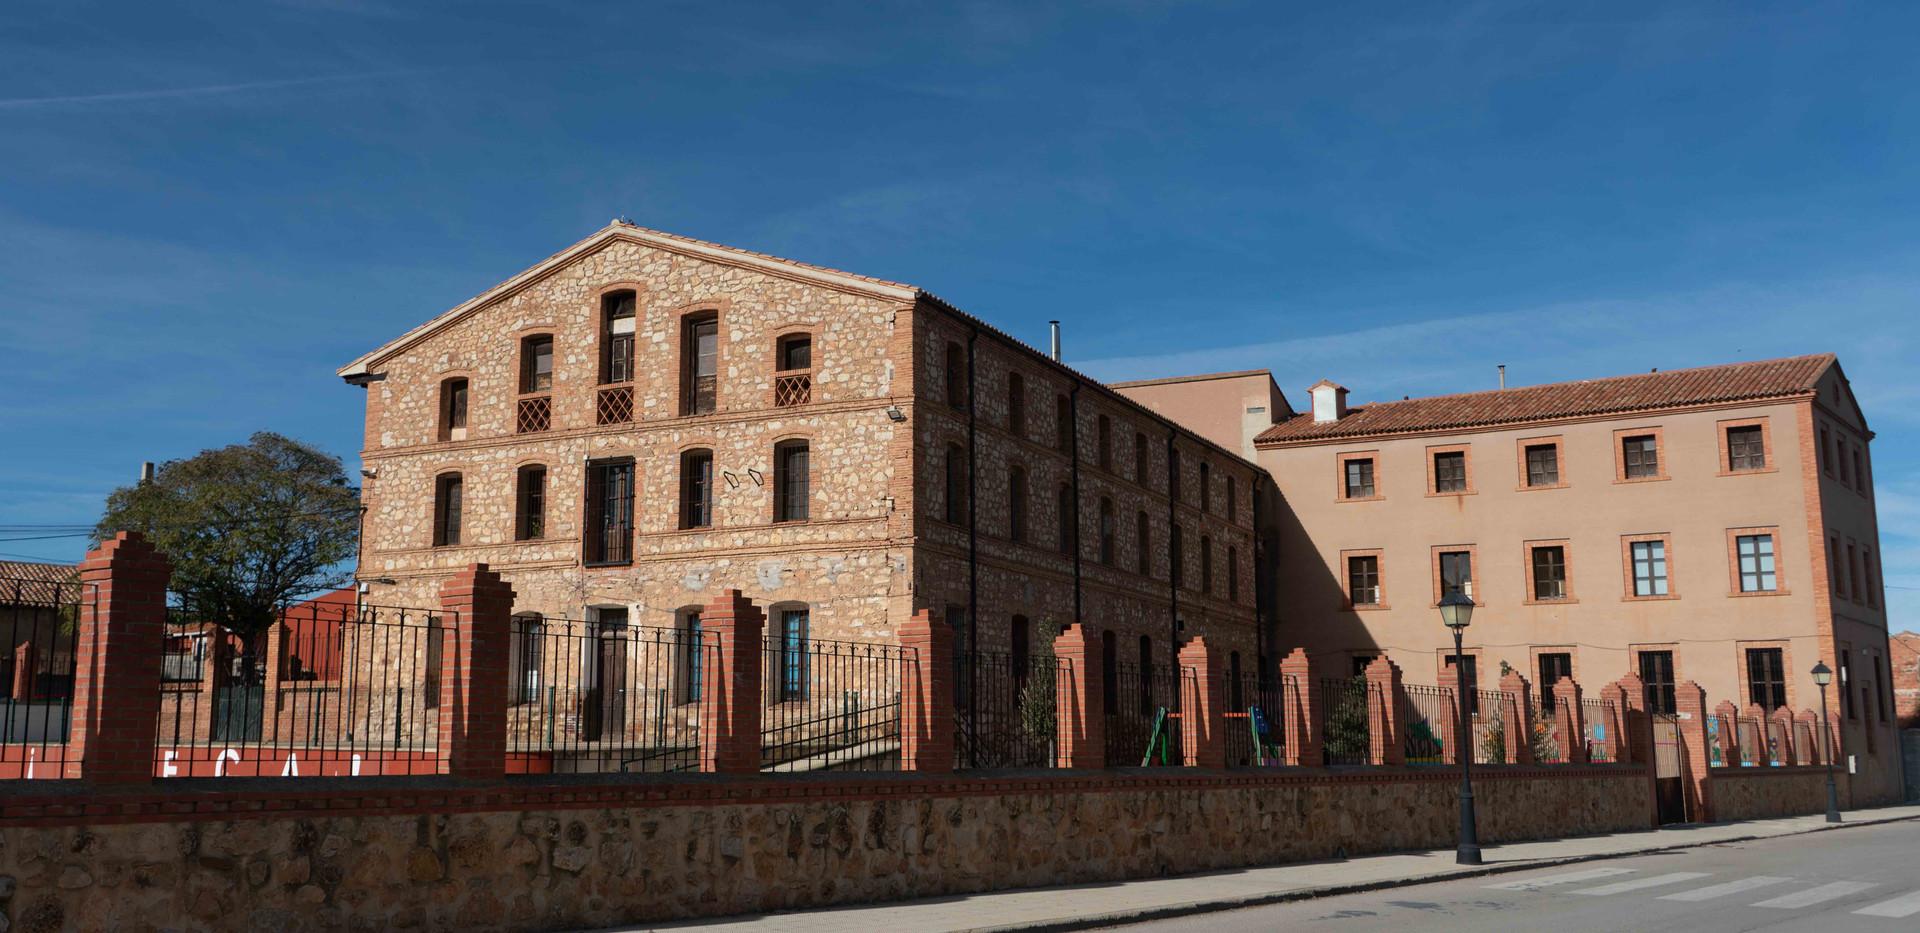 Antiguio colegio principios de S XIX / College early 20th century